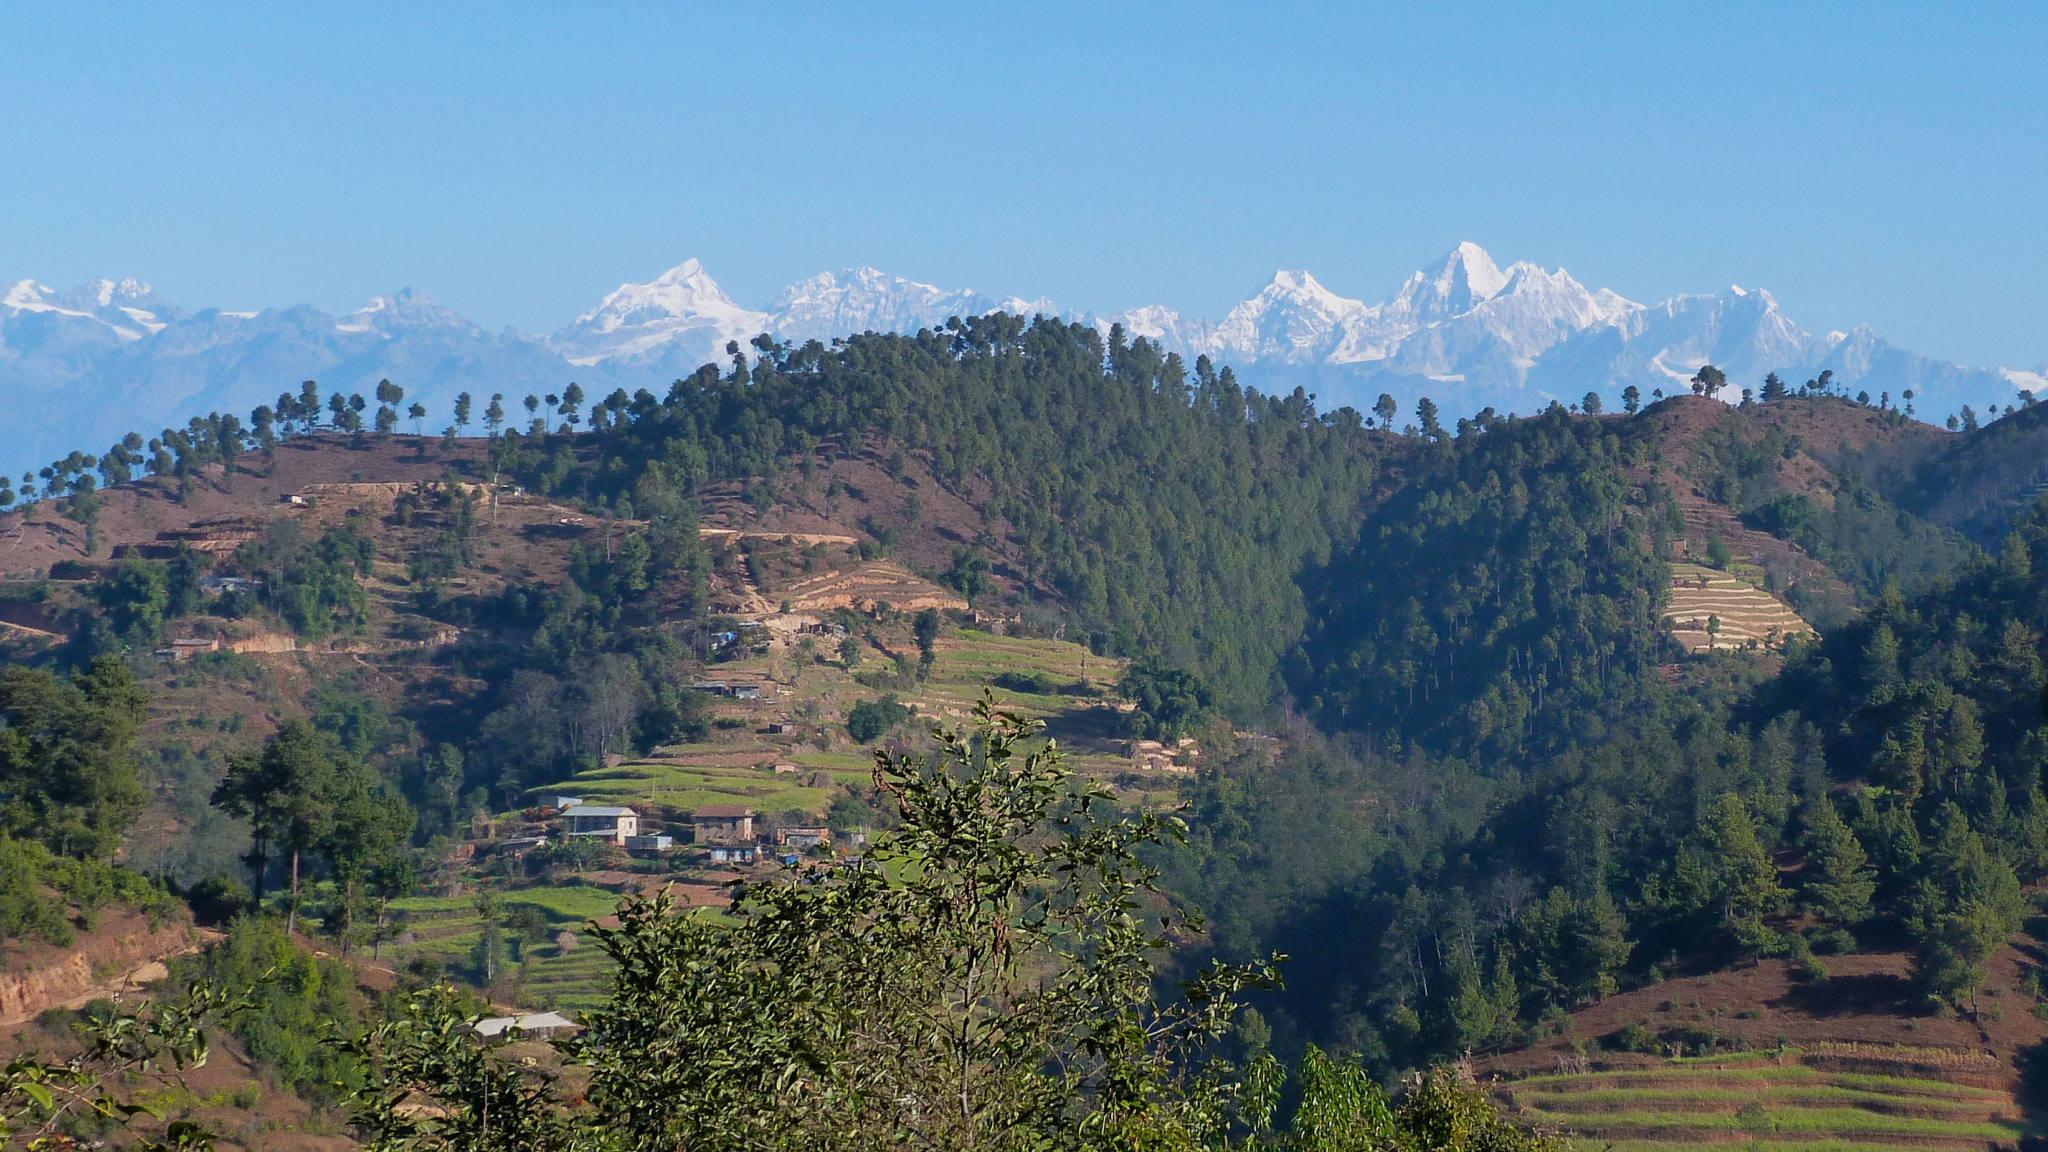 Trek dans les piémonts himalayens, avec des vues extraordinaires sur les sommets